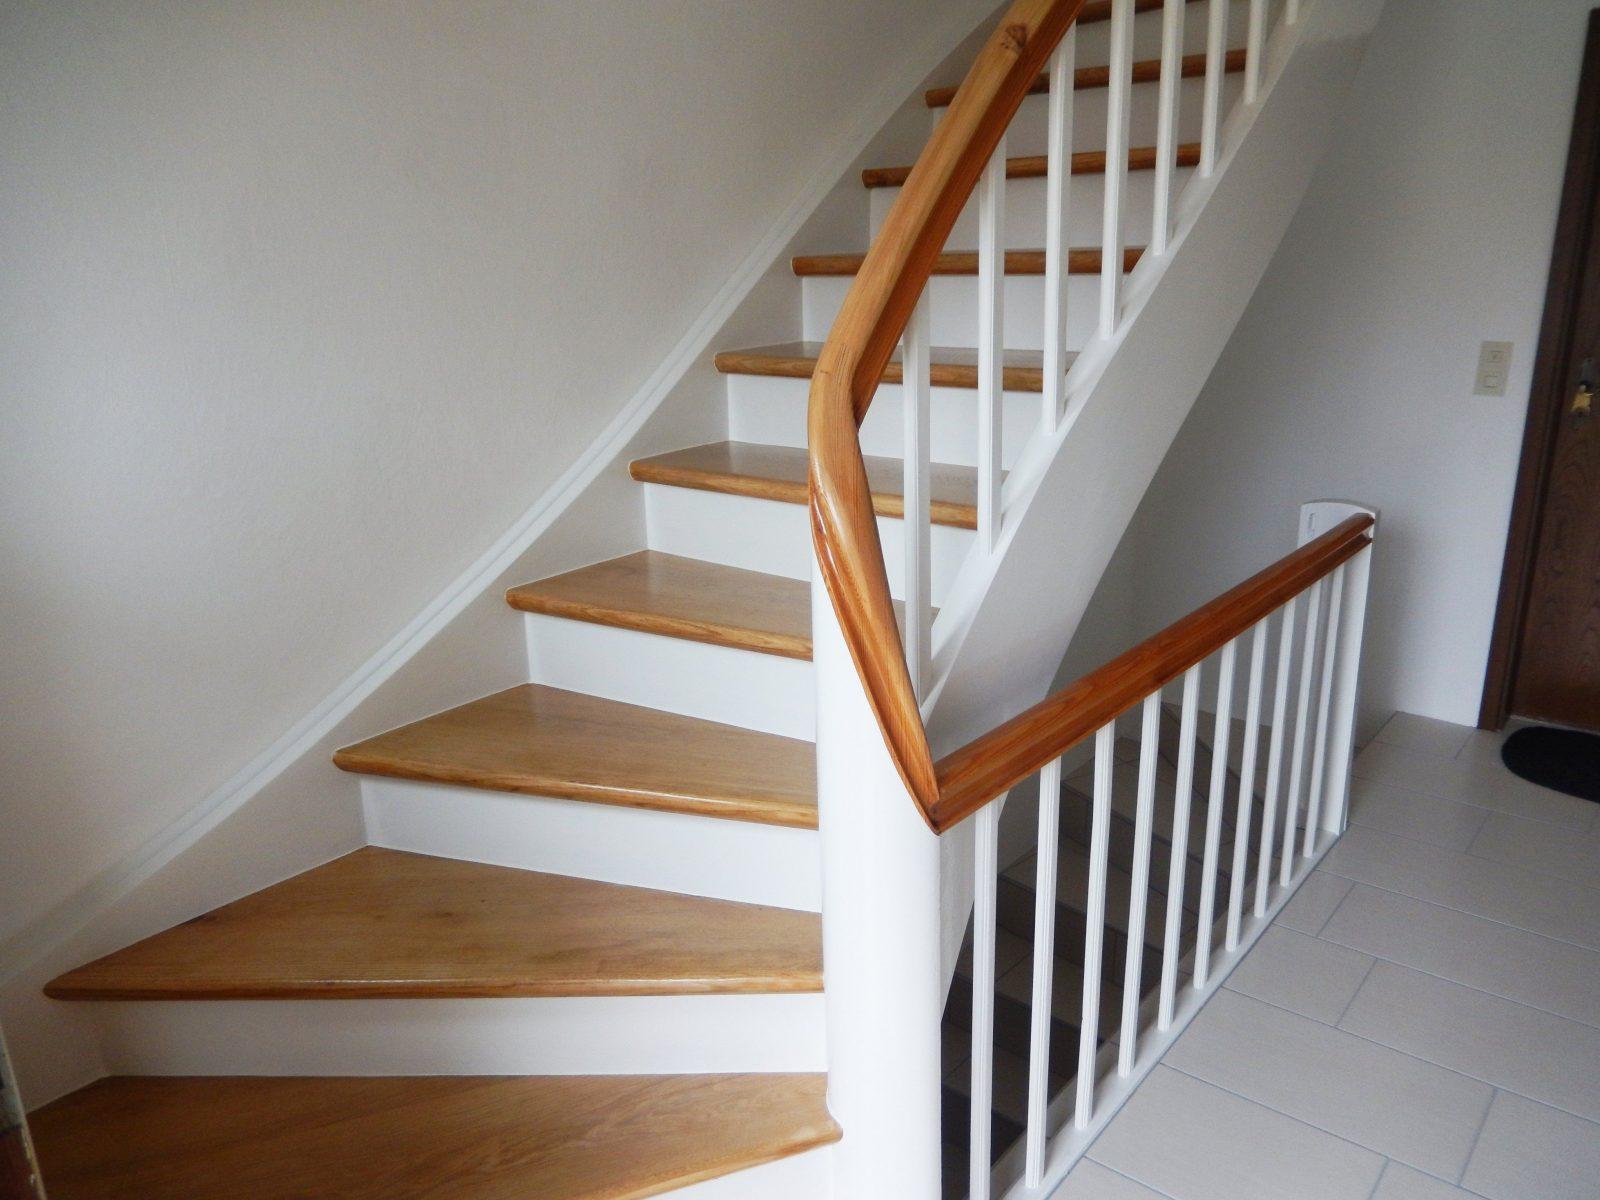 alte holztreppe excellent alte holztreppe im with alte holztreppe alte treppe mit buche massiv. Black Bedroom Furniture Sets. Home Design Ideas